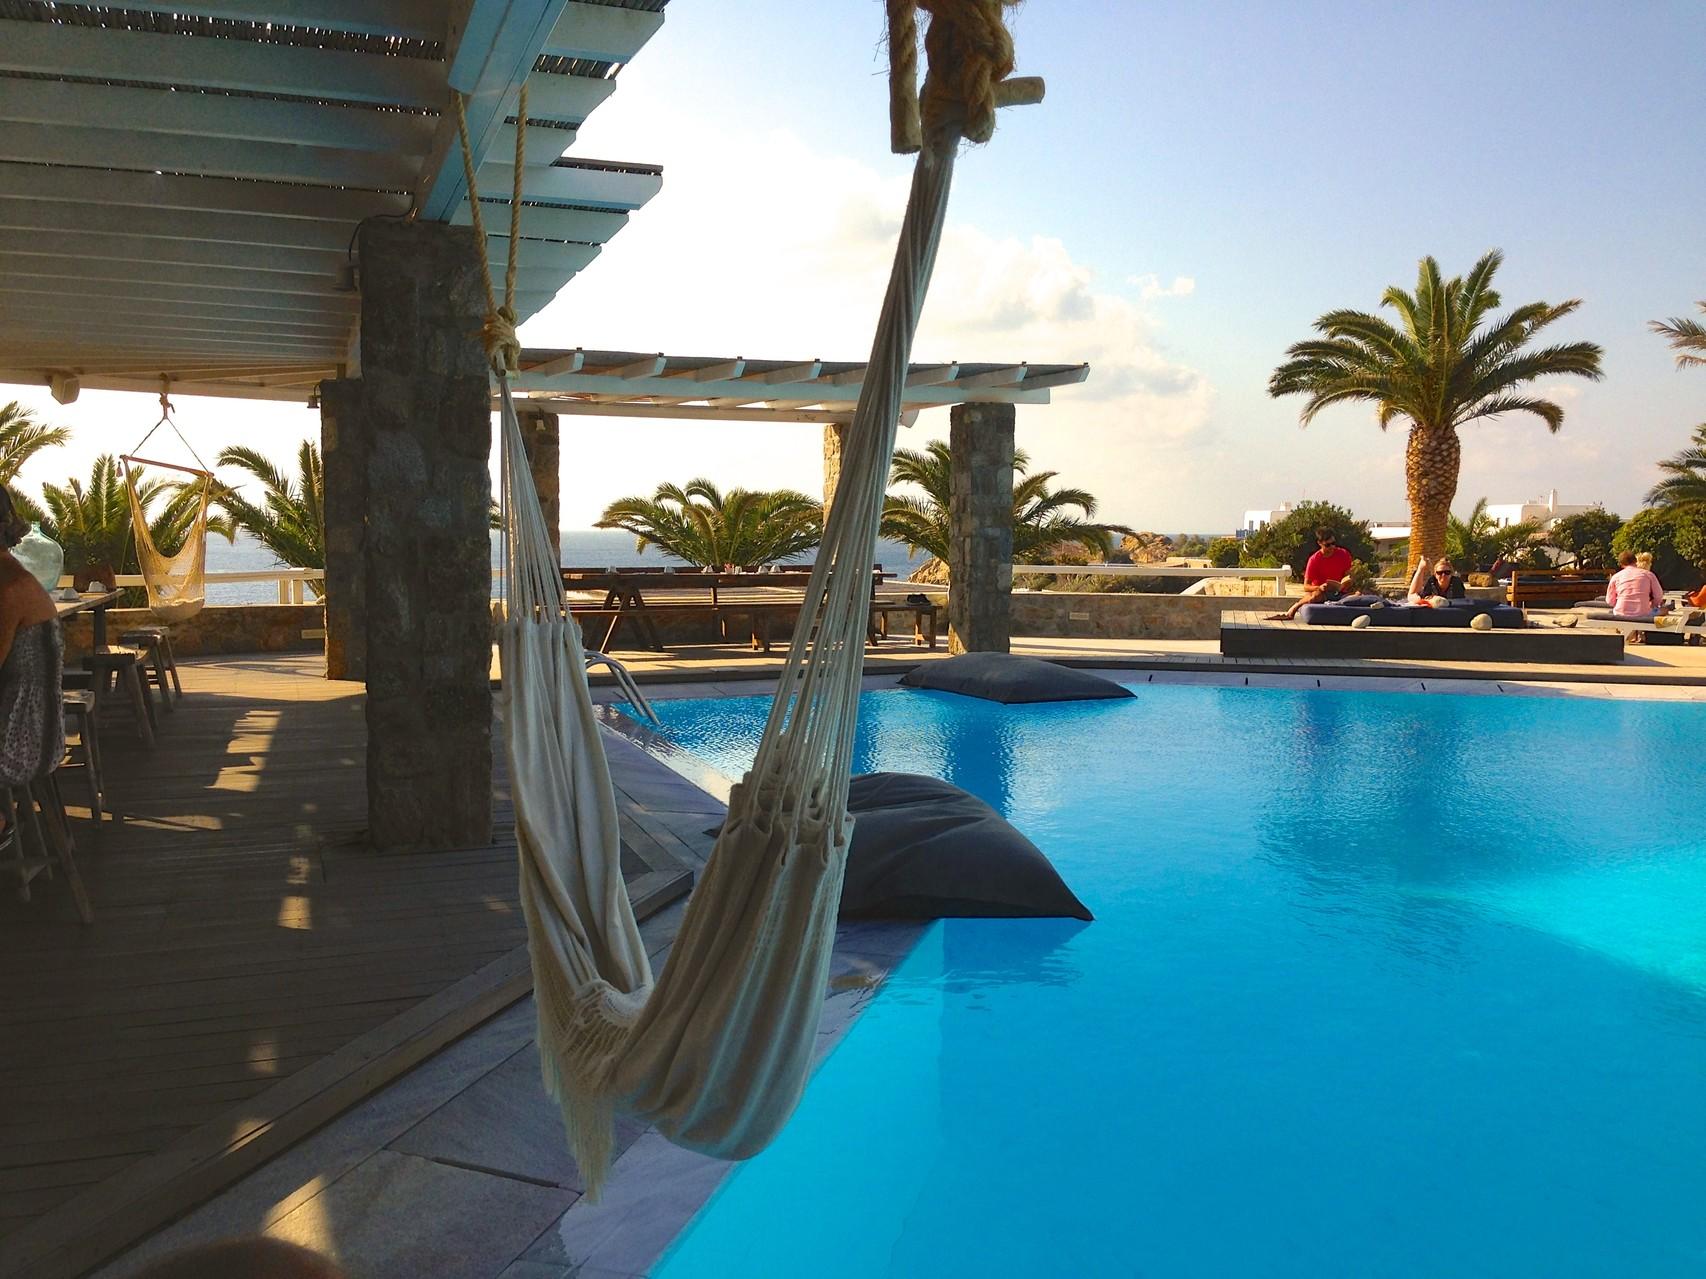 Mykonos - Hotel San Giorgio - Pool - BYRH Beach Bags